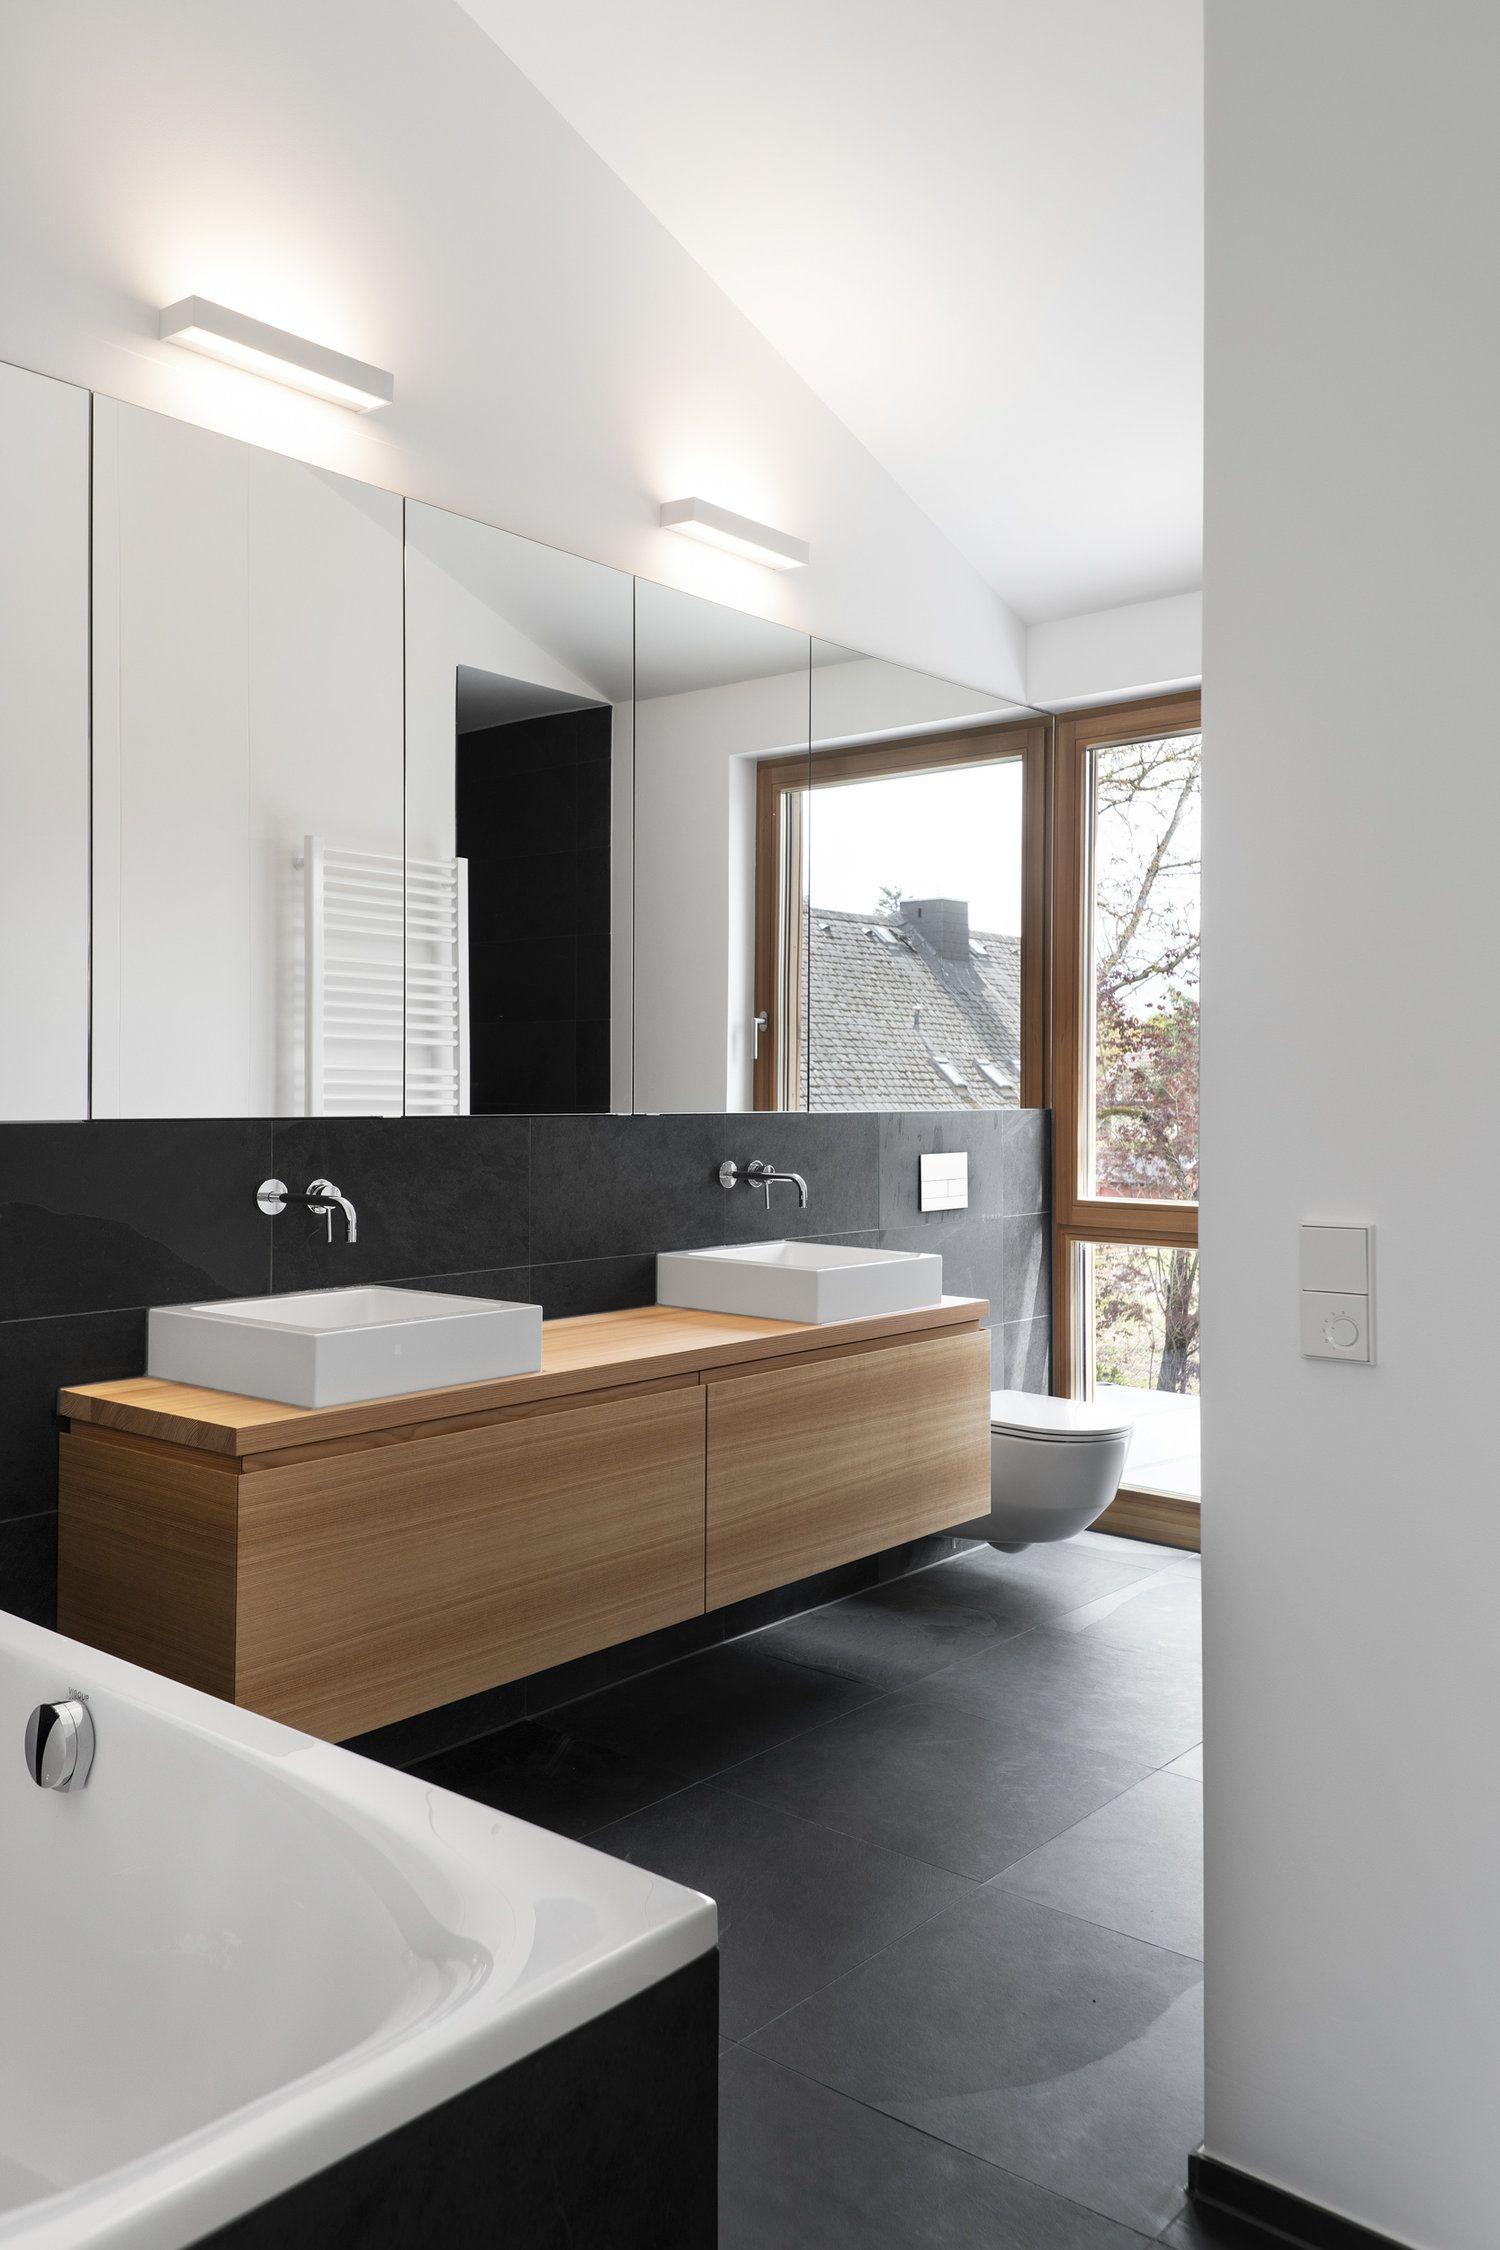 Wohnhaus DK — Gramming Rosenmüller Architekten